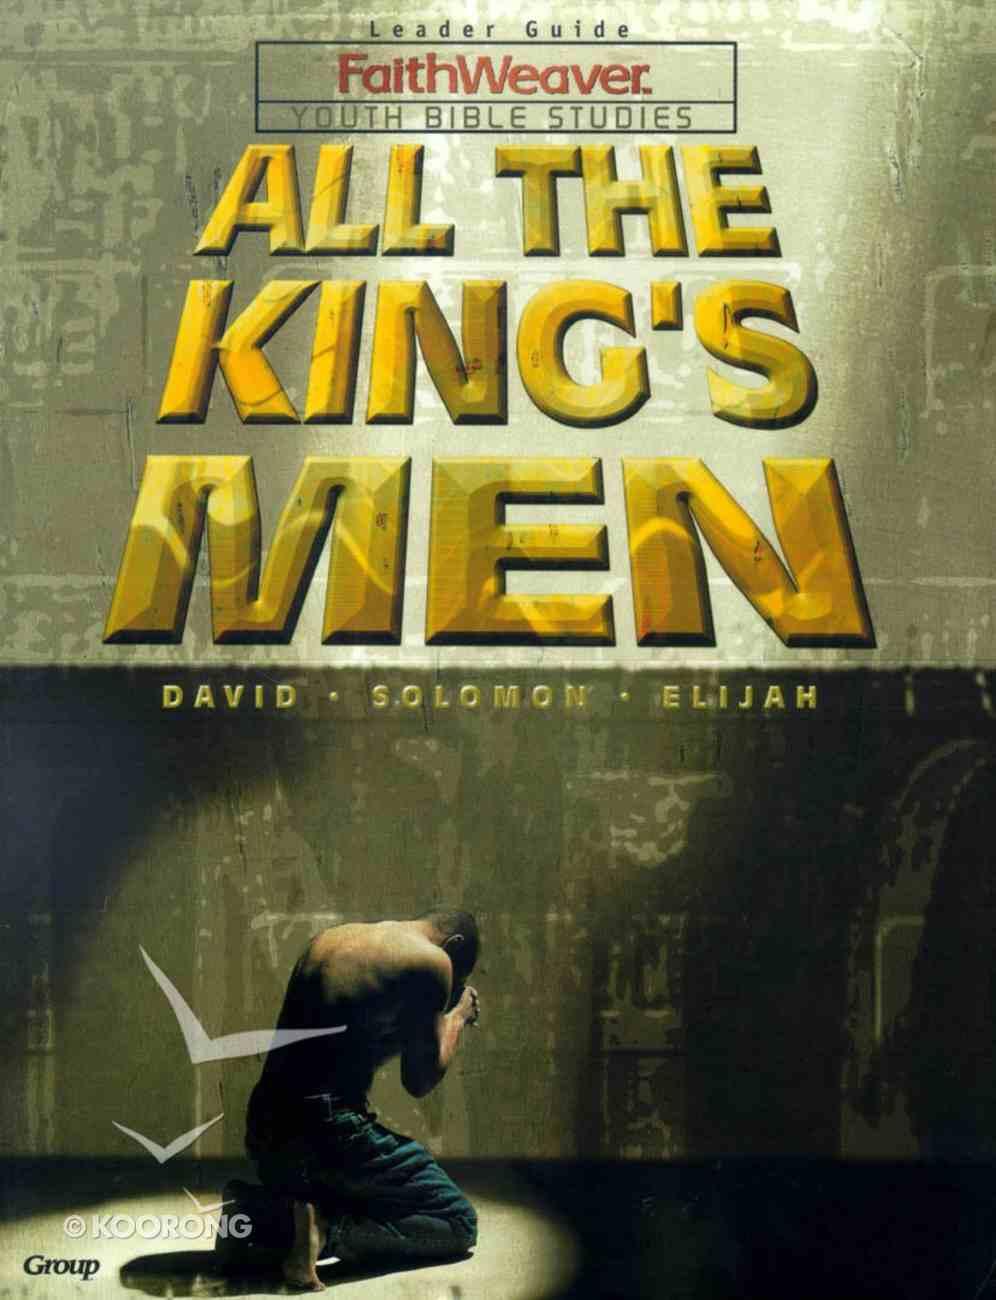 All the Kings Men (Faithweaver Curriculum Series) Paperback